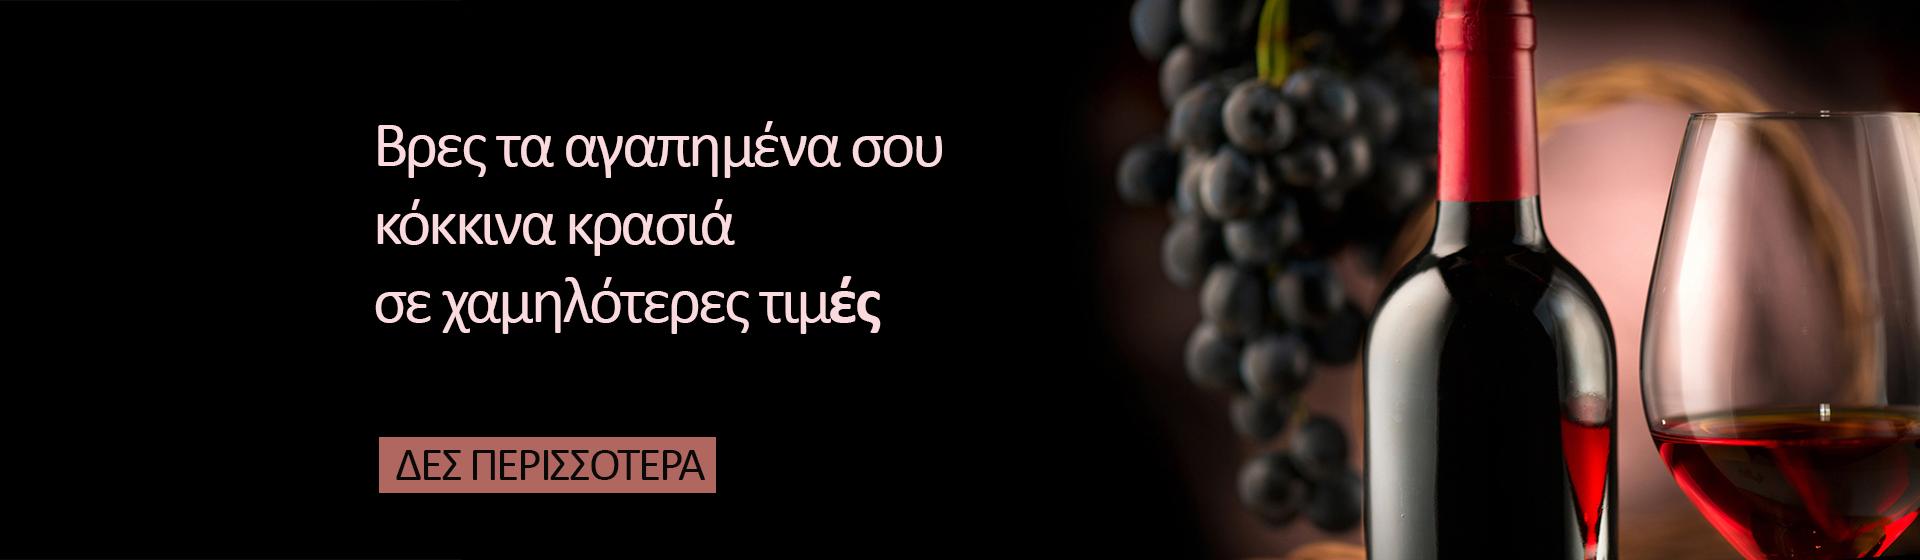 Κόκκινο Κρασί Προσφορά